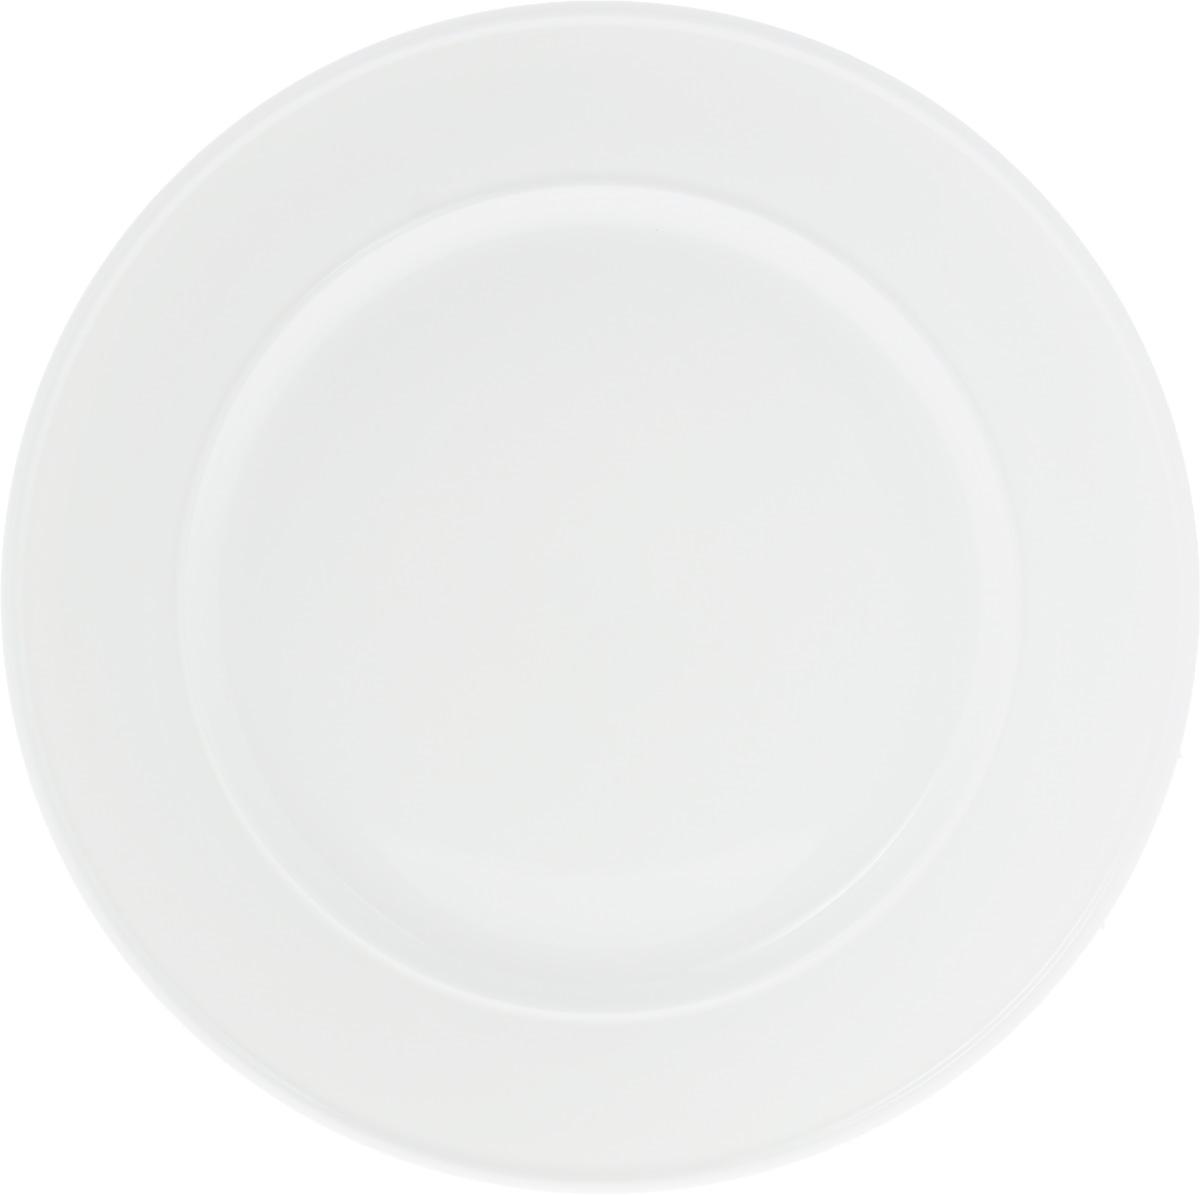 Блюдо Wilmax, диаметр 30,5 см. WL-991244 / AWL-991244 / AОригинальное блюдо Wilmax, изготовленное из высококачественного фарфора, прекрасно подойдет для подачи нарезок, закусок и других блюд. Оно украсит ваш кухонный стол, а также станет замечательным подарком к любому празднику.